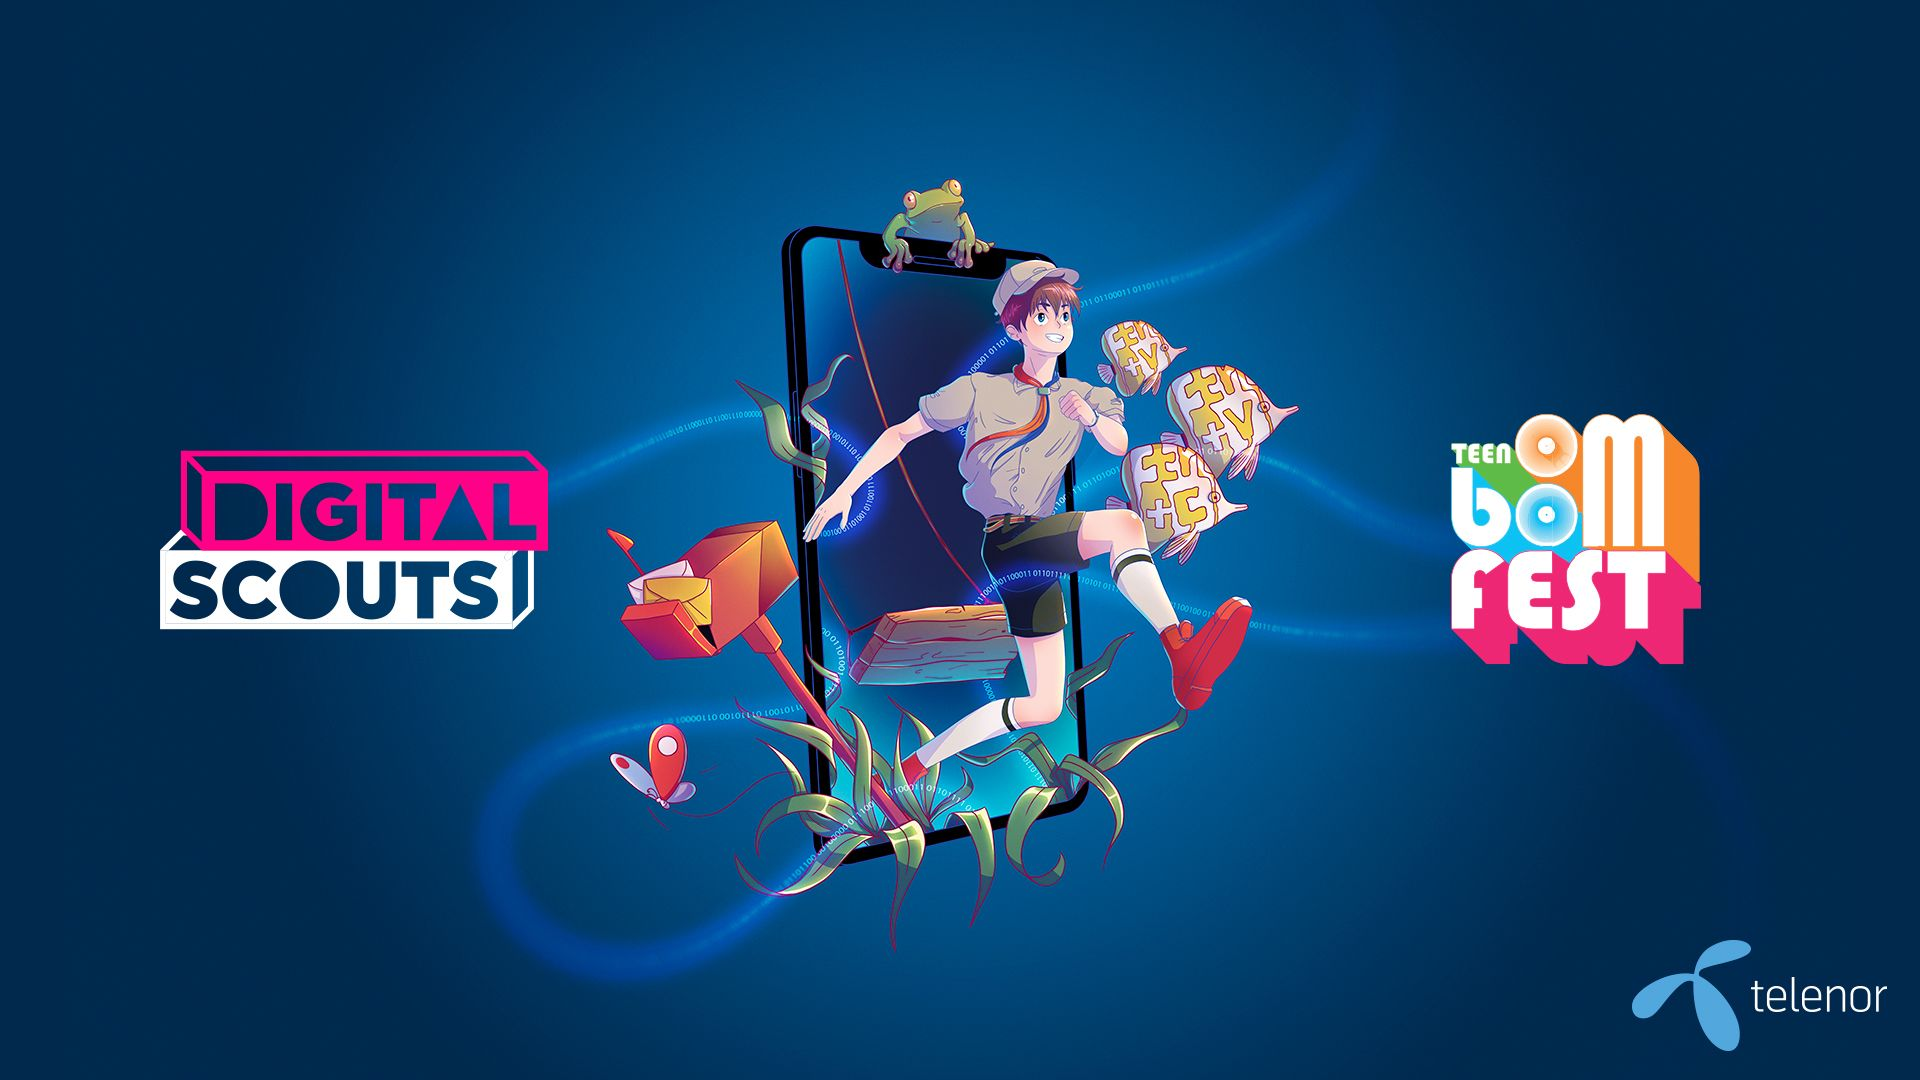 Digital Scouts на Теленор става част от TEEN BOOM FEST в Бургас